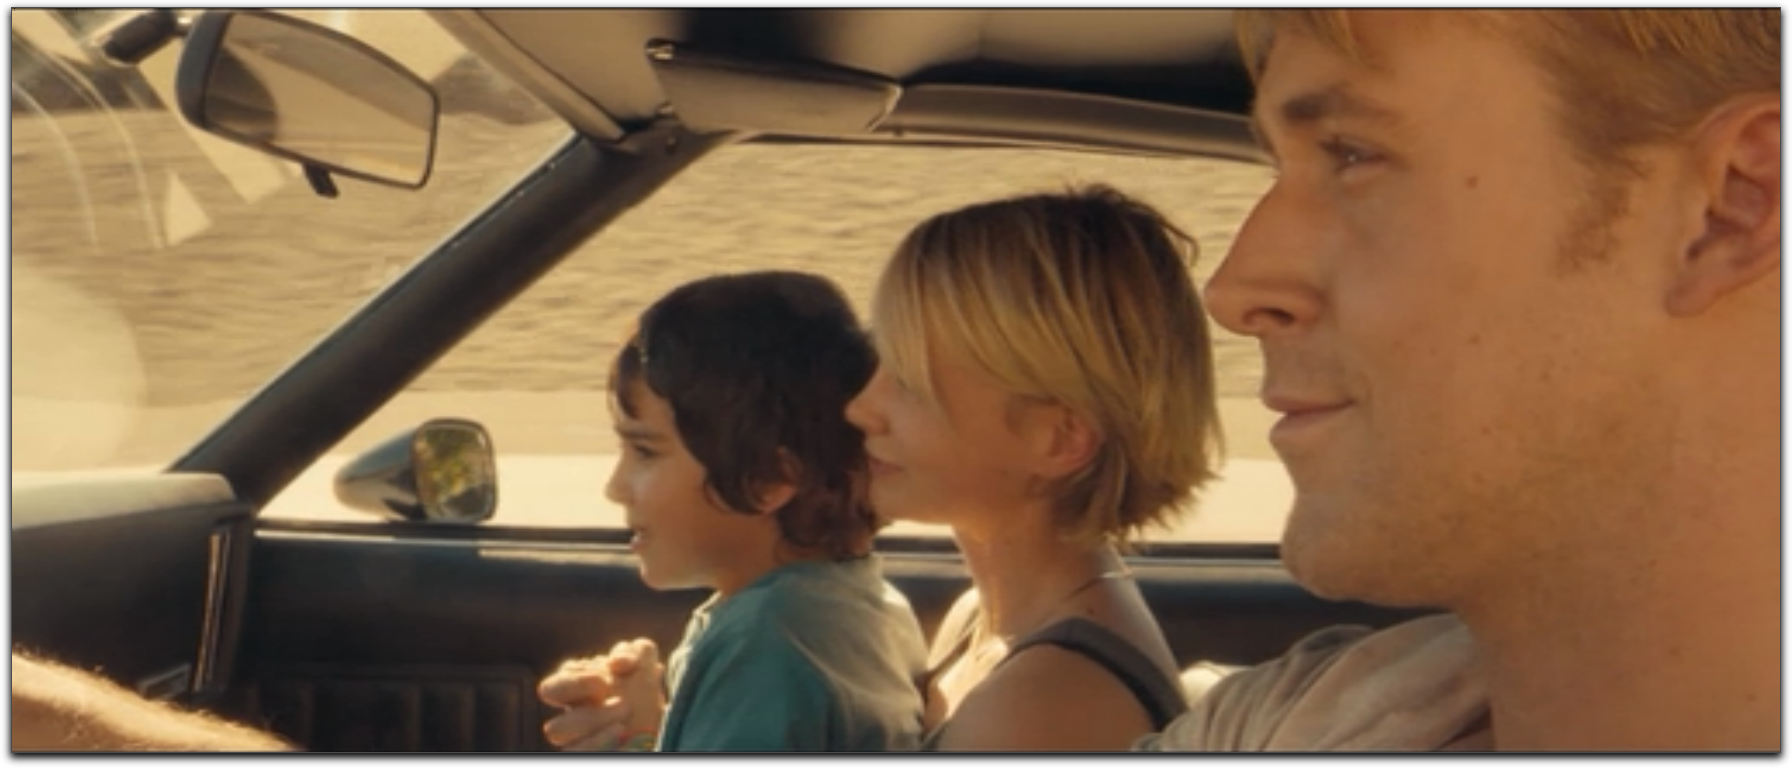 Driving gloves like ryan gosling - Ryan Gosling Drive Carey Mulligan